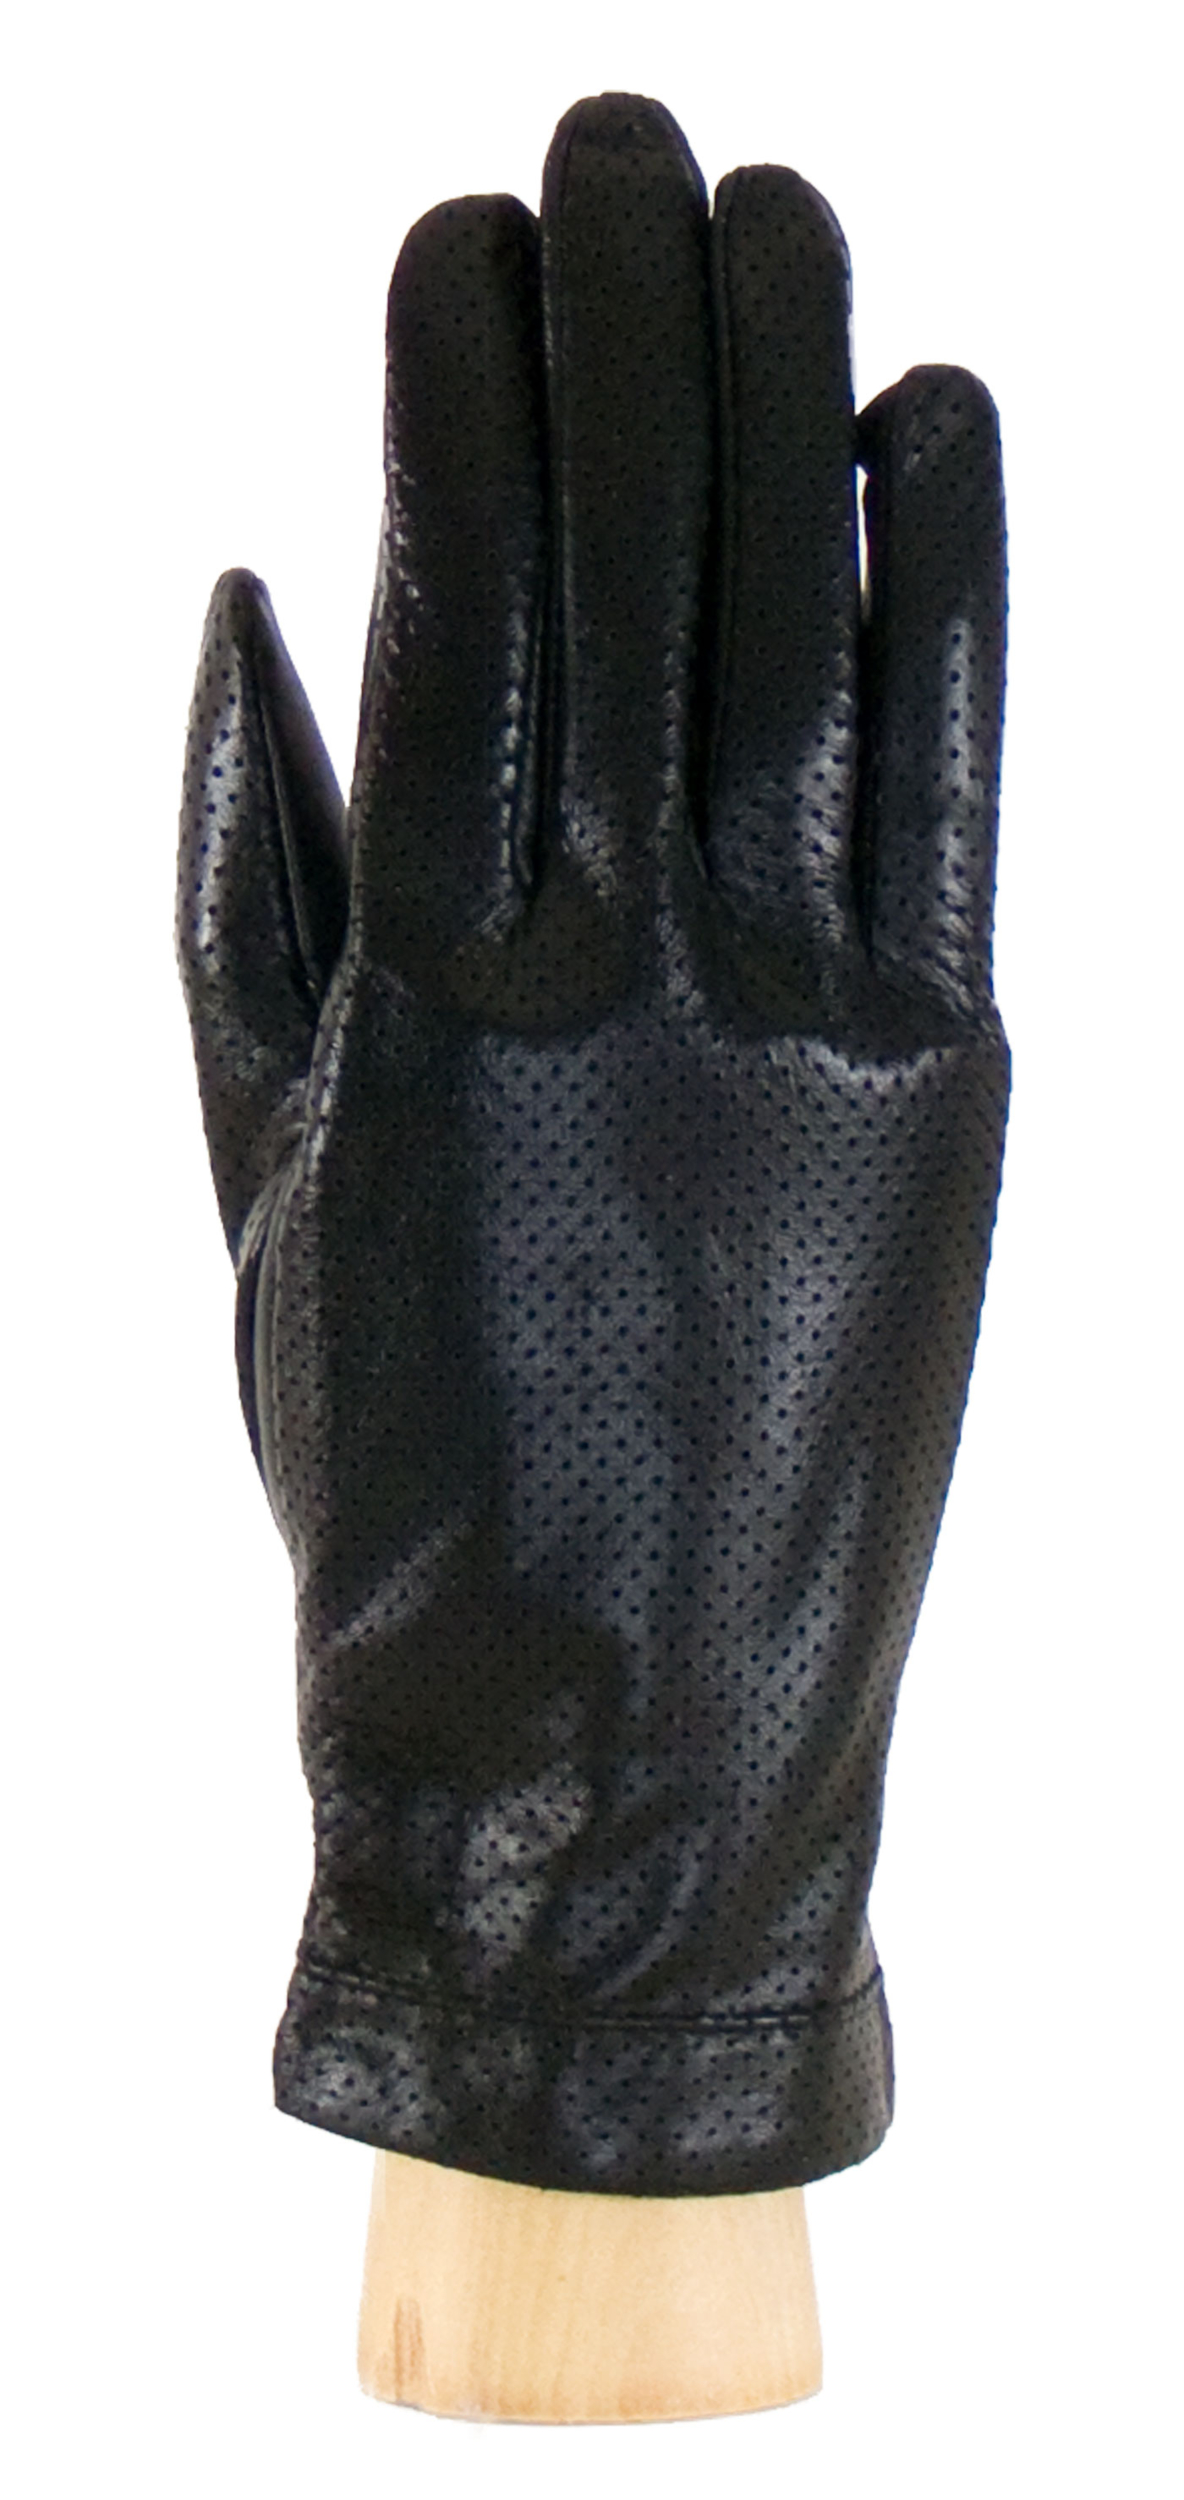 Gants cuir perforé noir femme taille 7.5